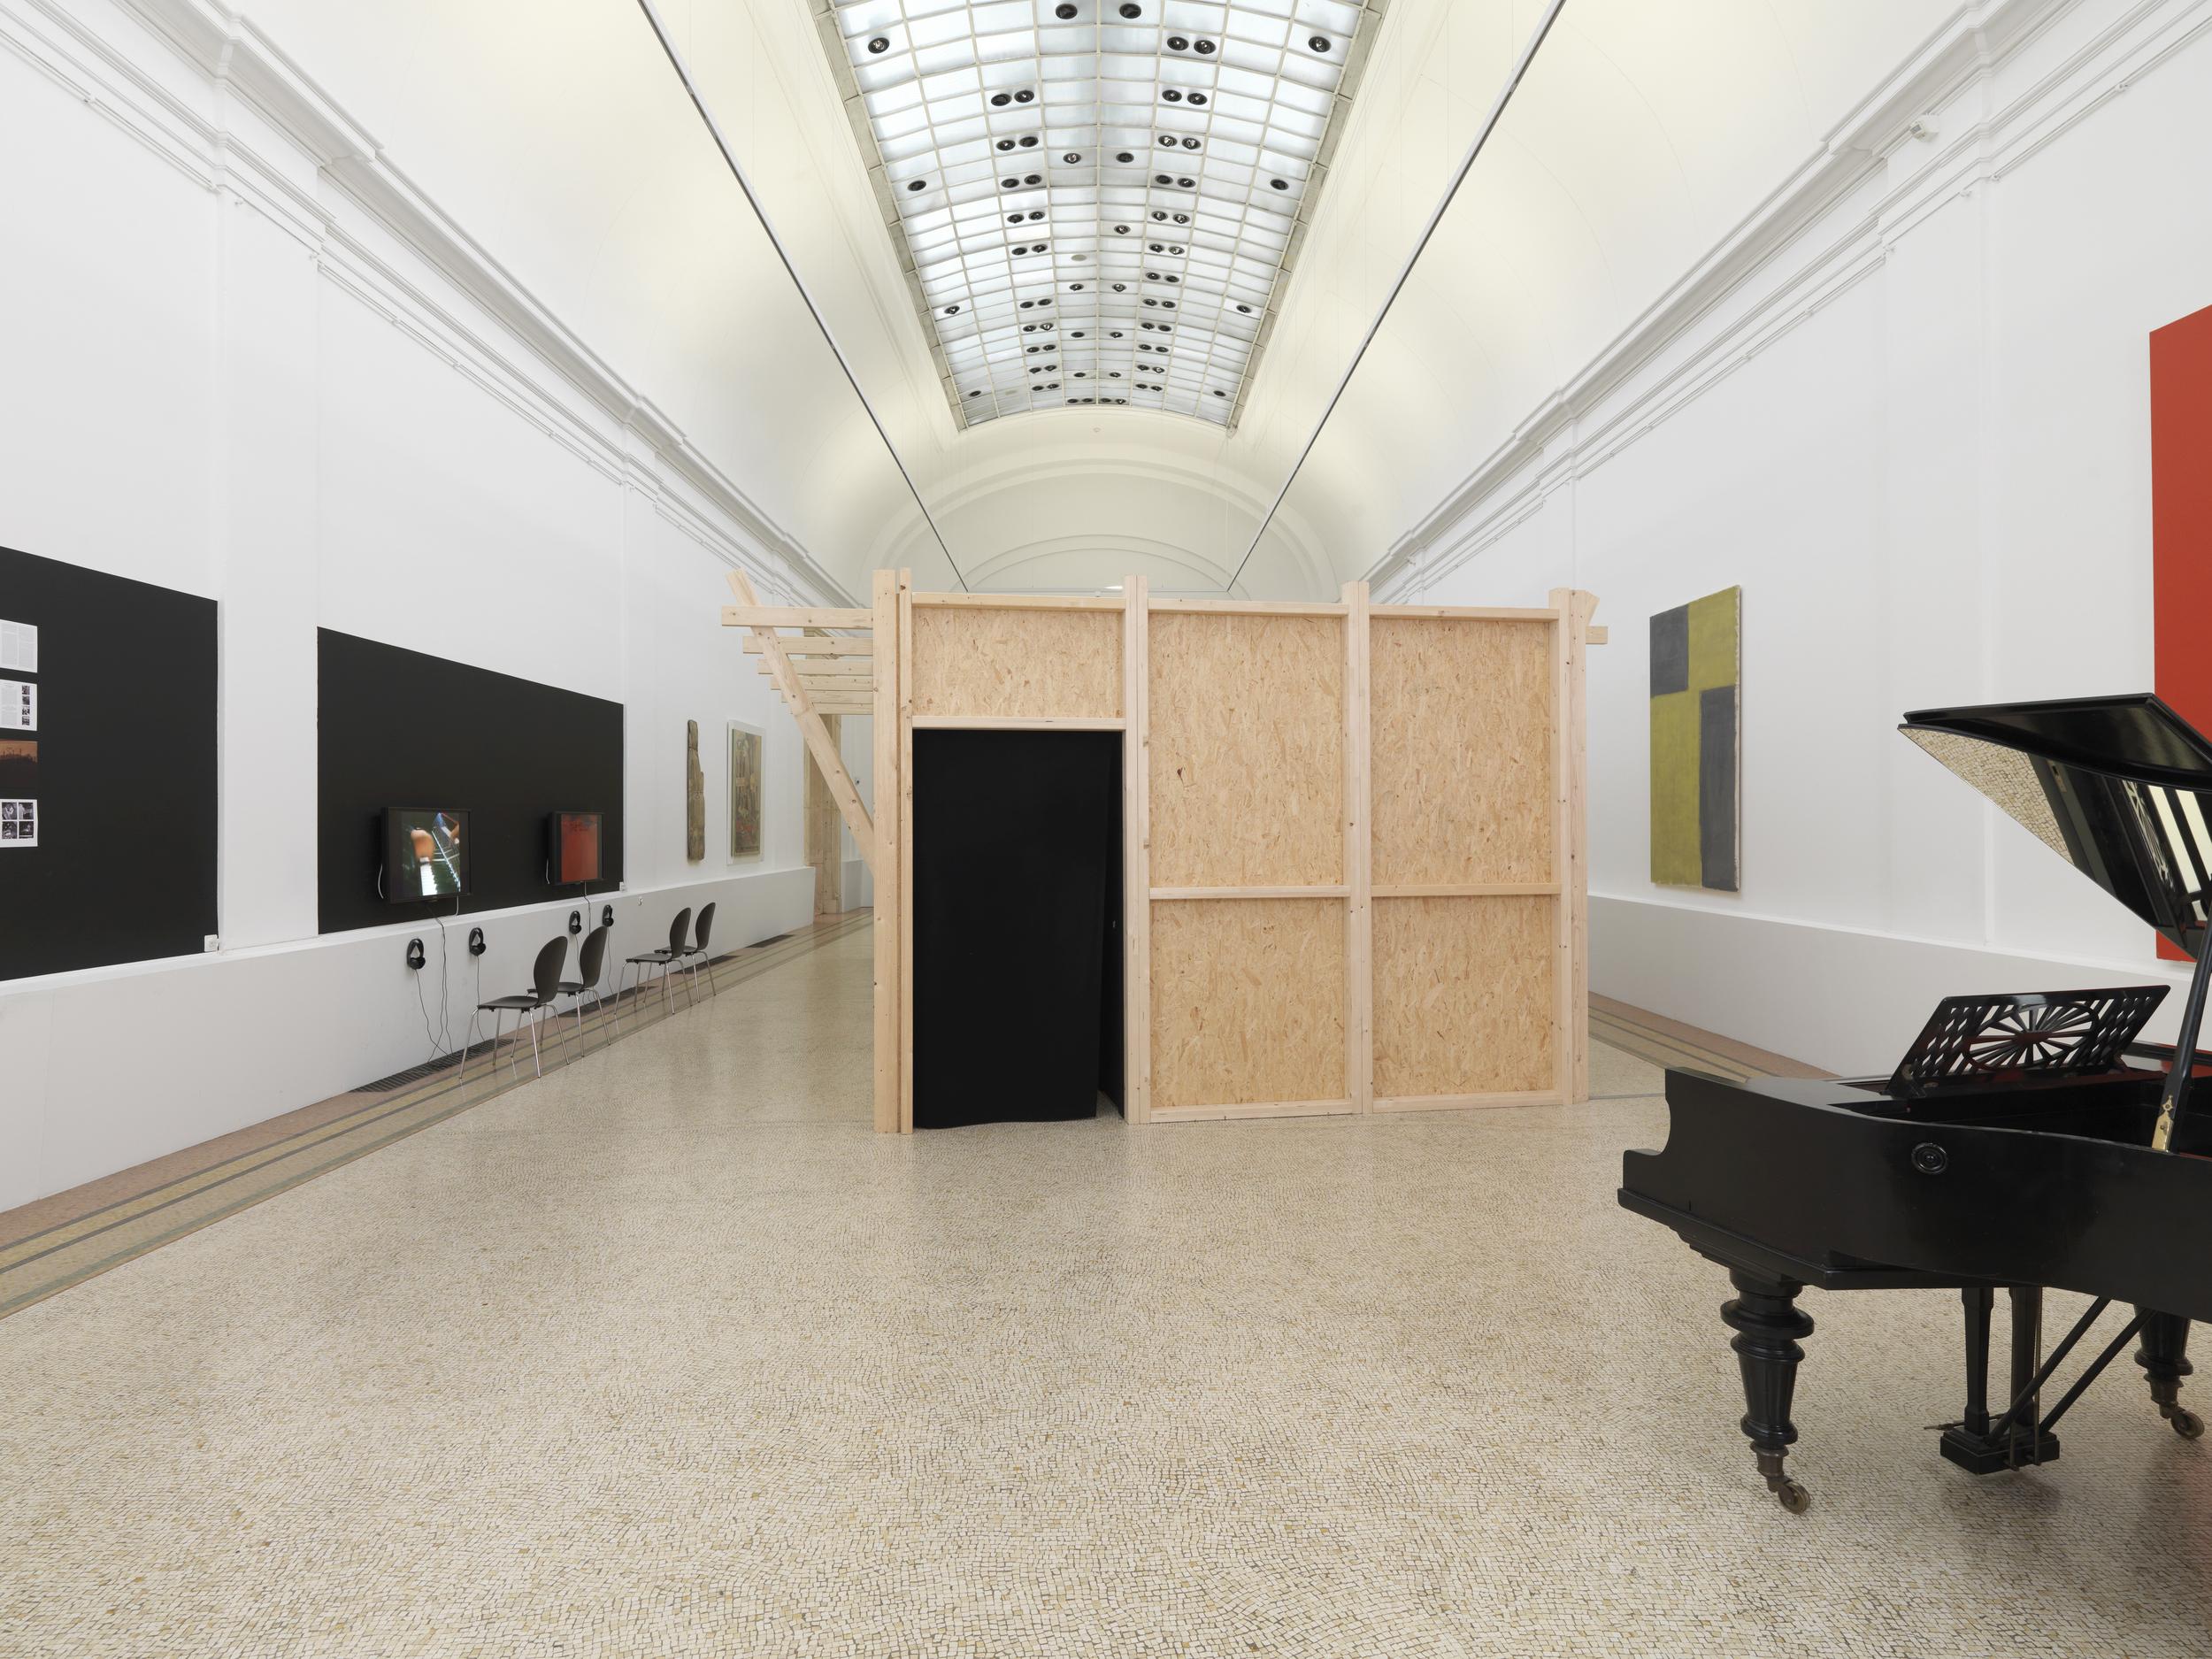 Musée d'art et d'histoire, Geneva   L'Œuvre d'art de l'avenir    2014